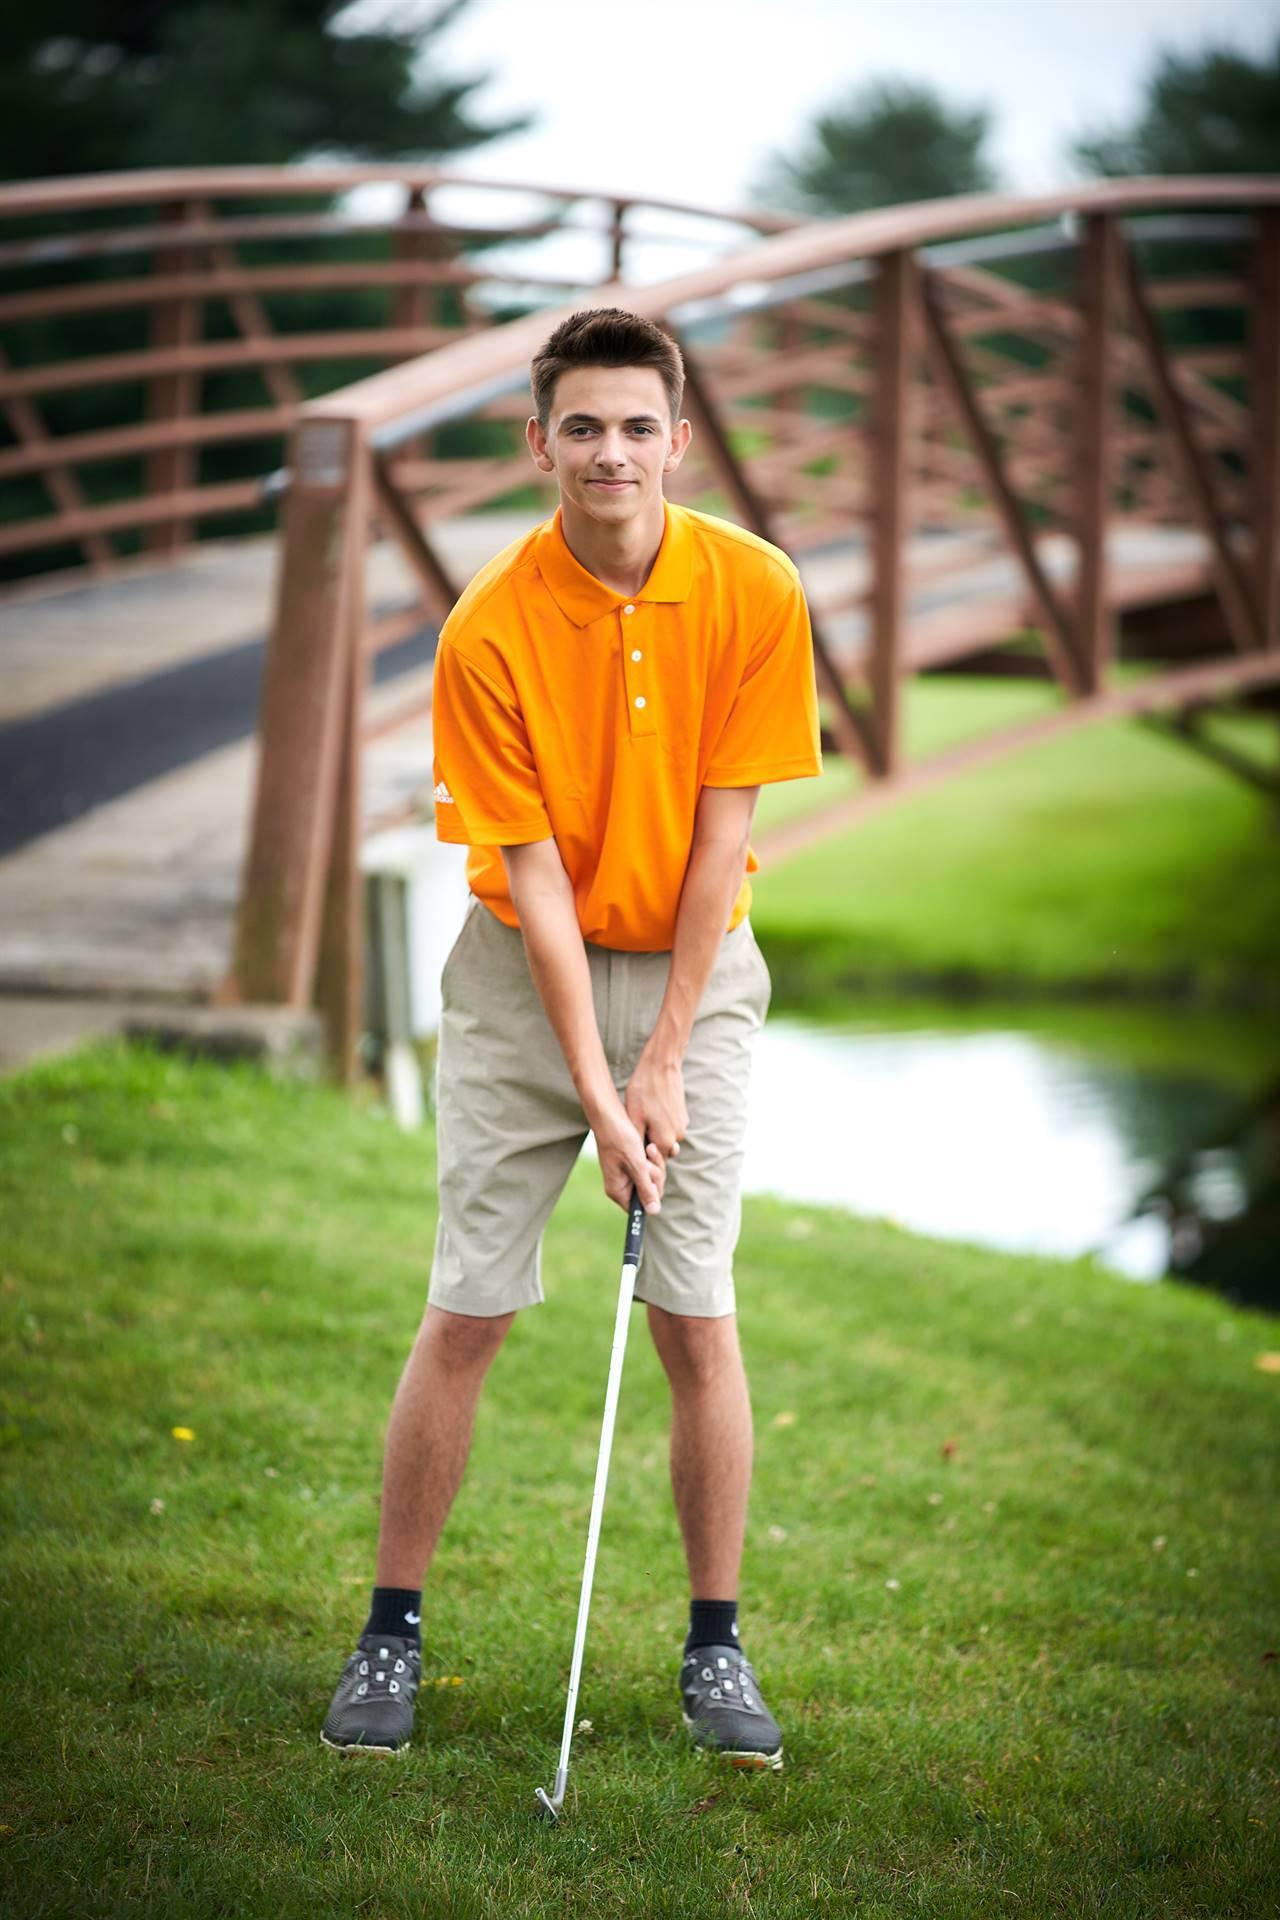 HS Boys Golf - Senior Gauge Shaw